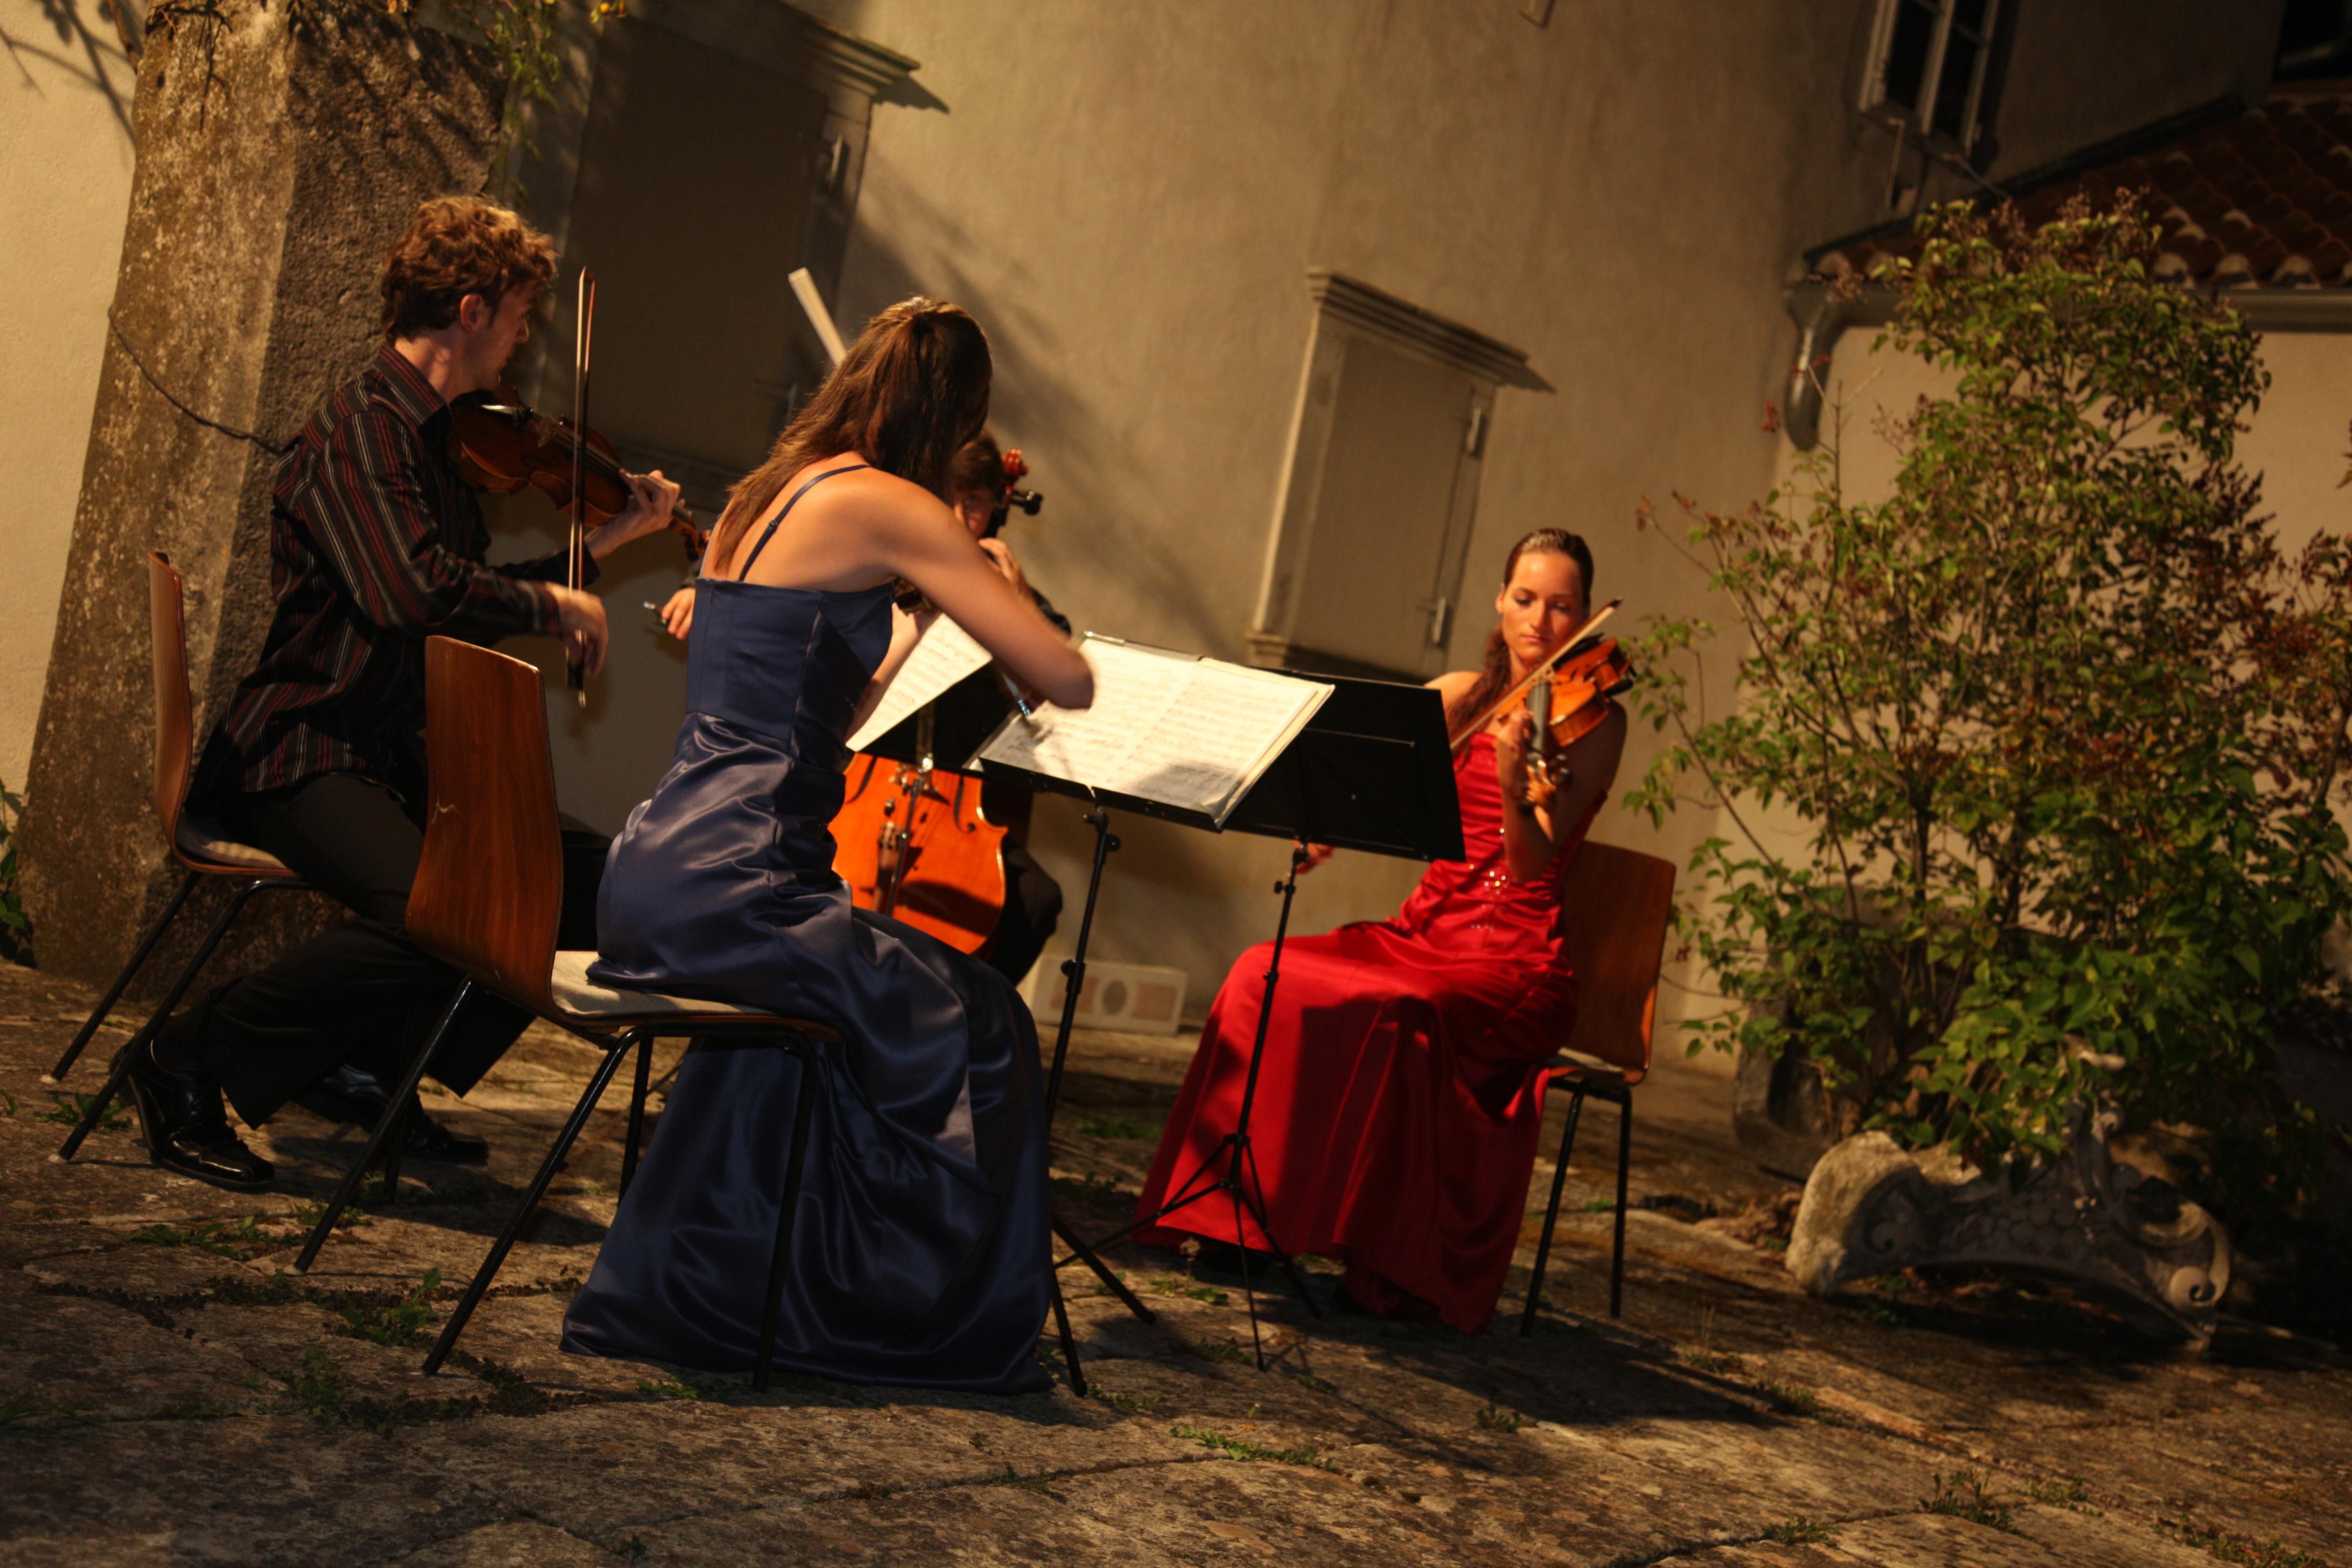 Koncert u atriju sv. Marije Magdalene u Portu1.JPG